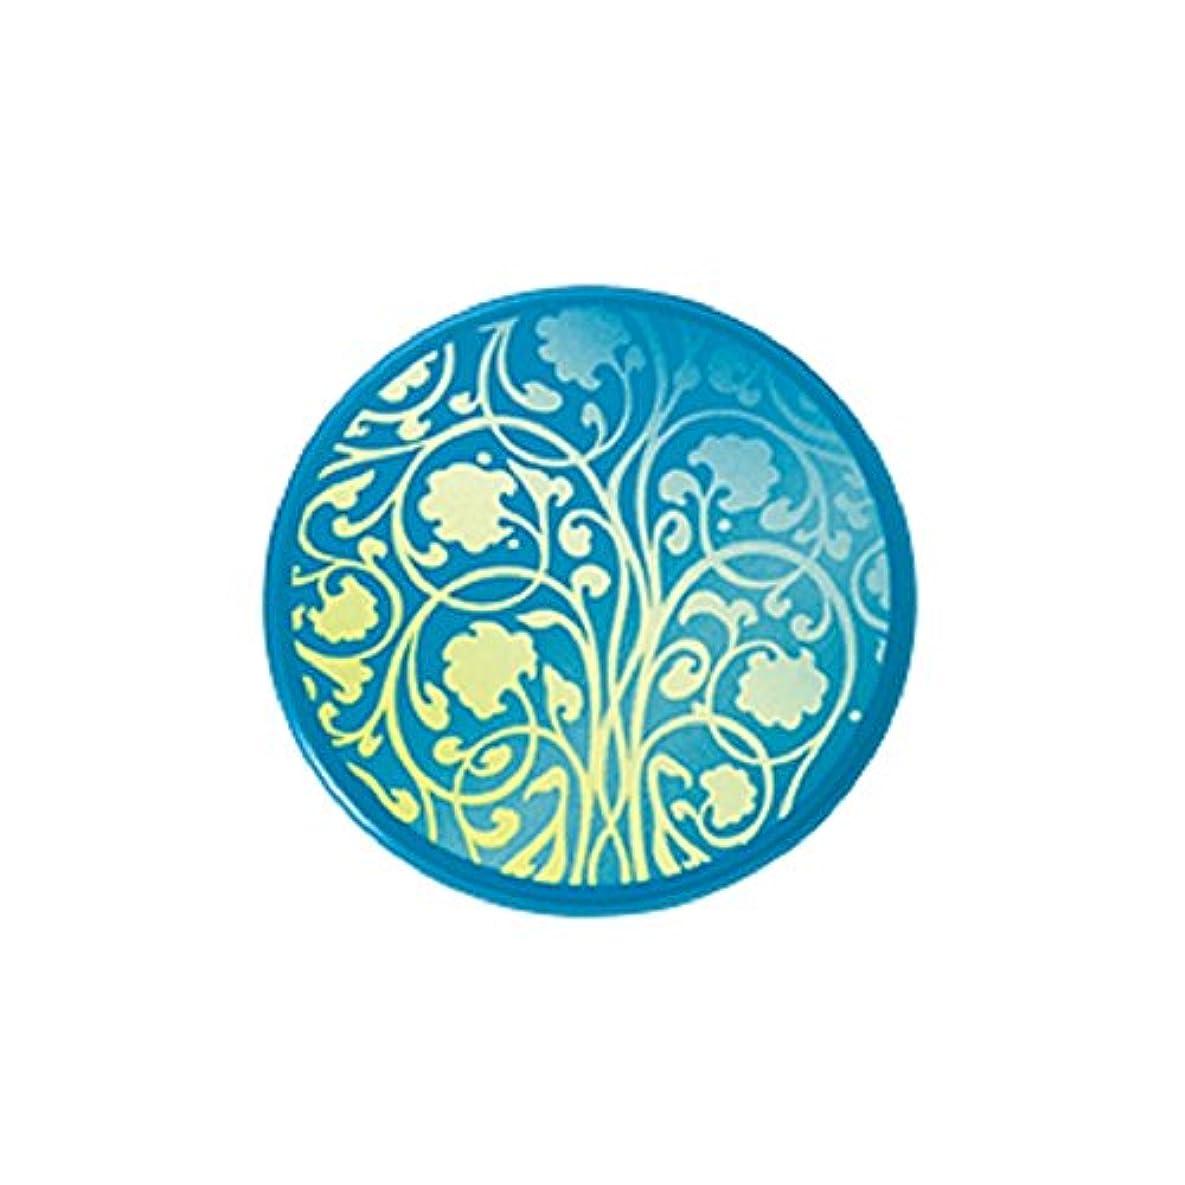 花火どう?十分アユーラ (AYURA) ウェルフィット アロマバーム 14g 〈ソリッドパヒューム〉 心地よい森林の香気